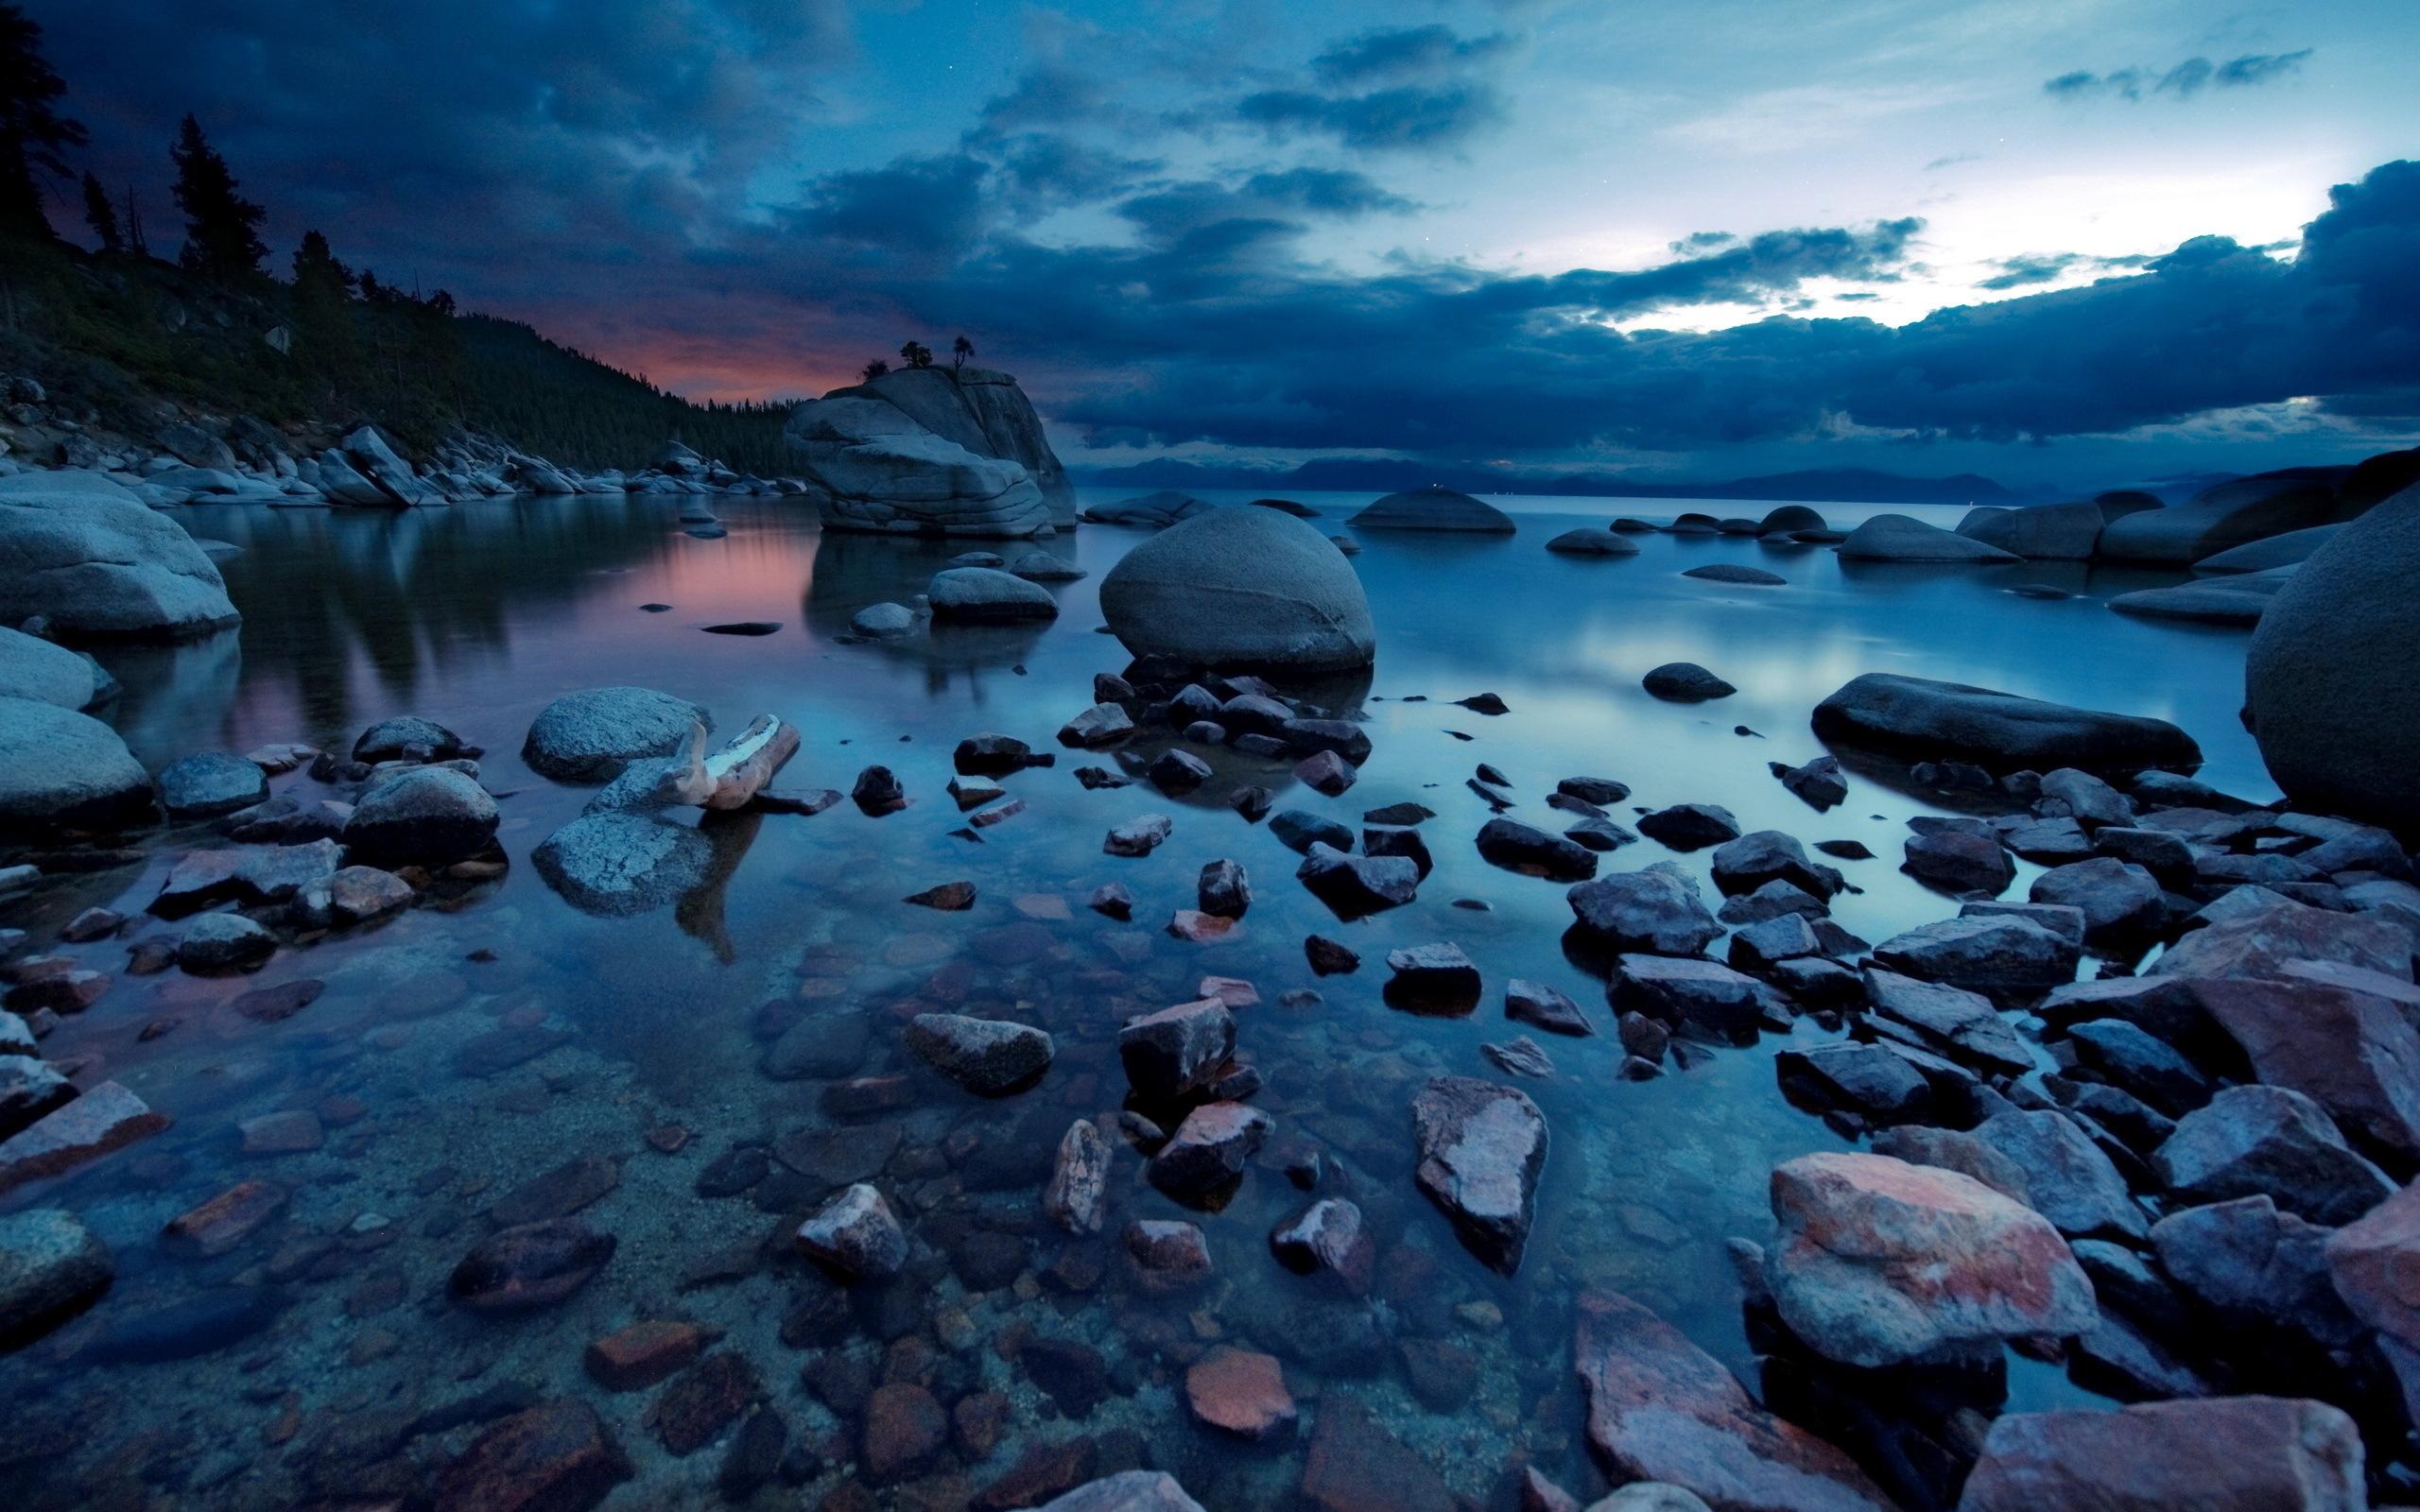 картинка для телефона озеро